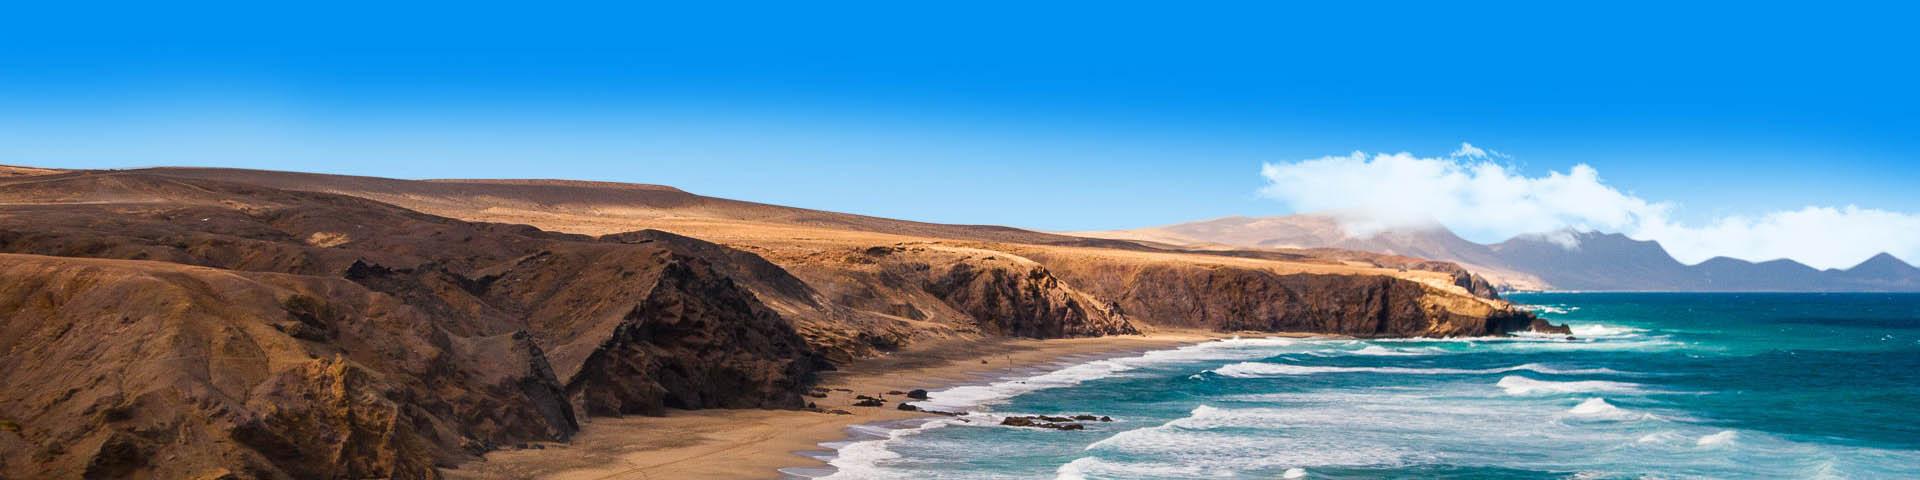 De kustlijn van Fuerteventura met de zee en het landschap op de achtergrond